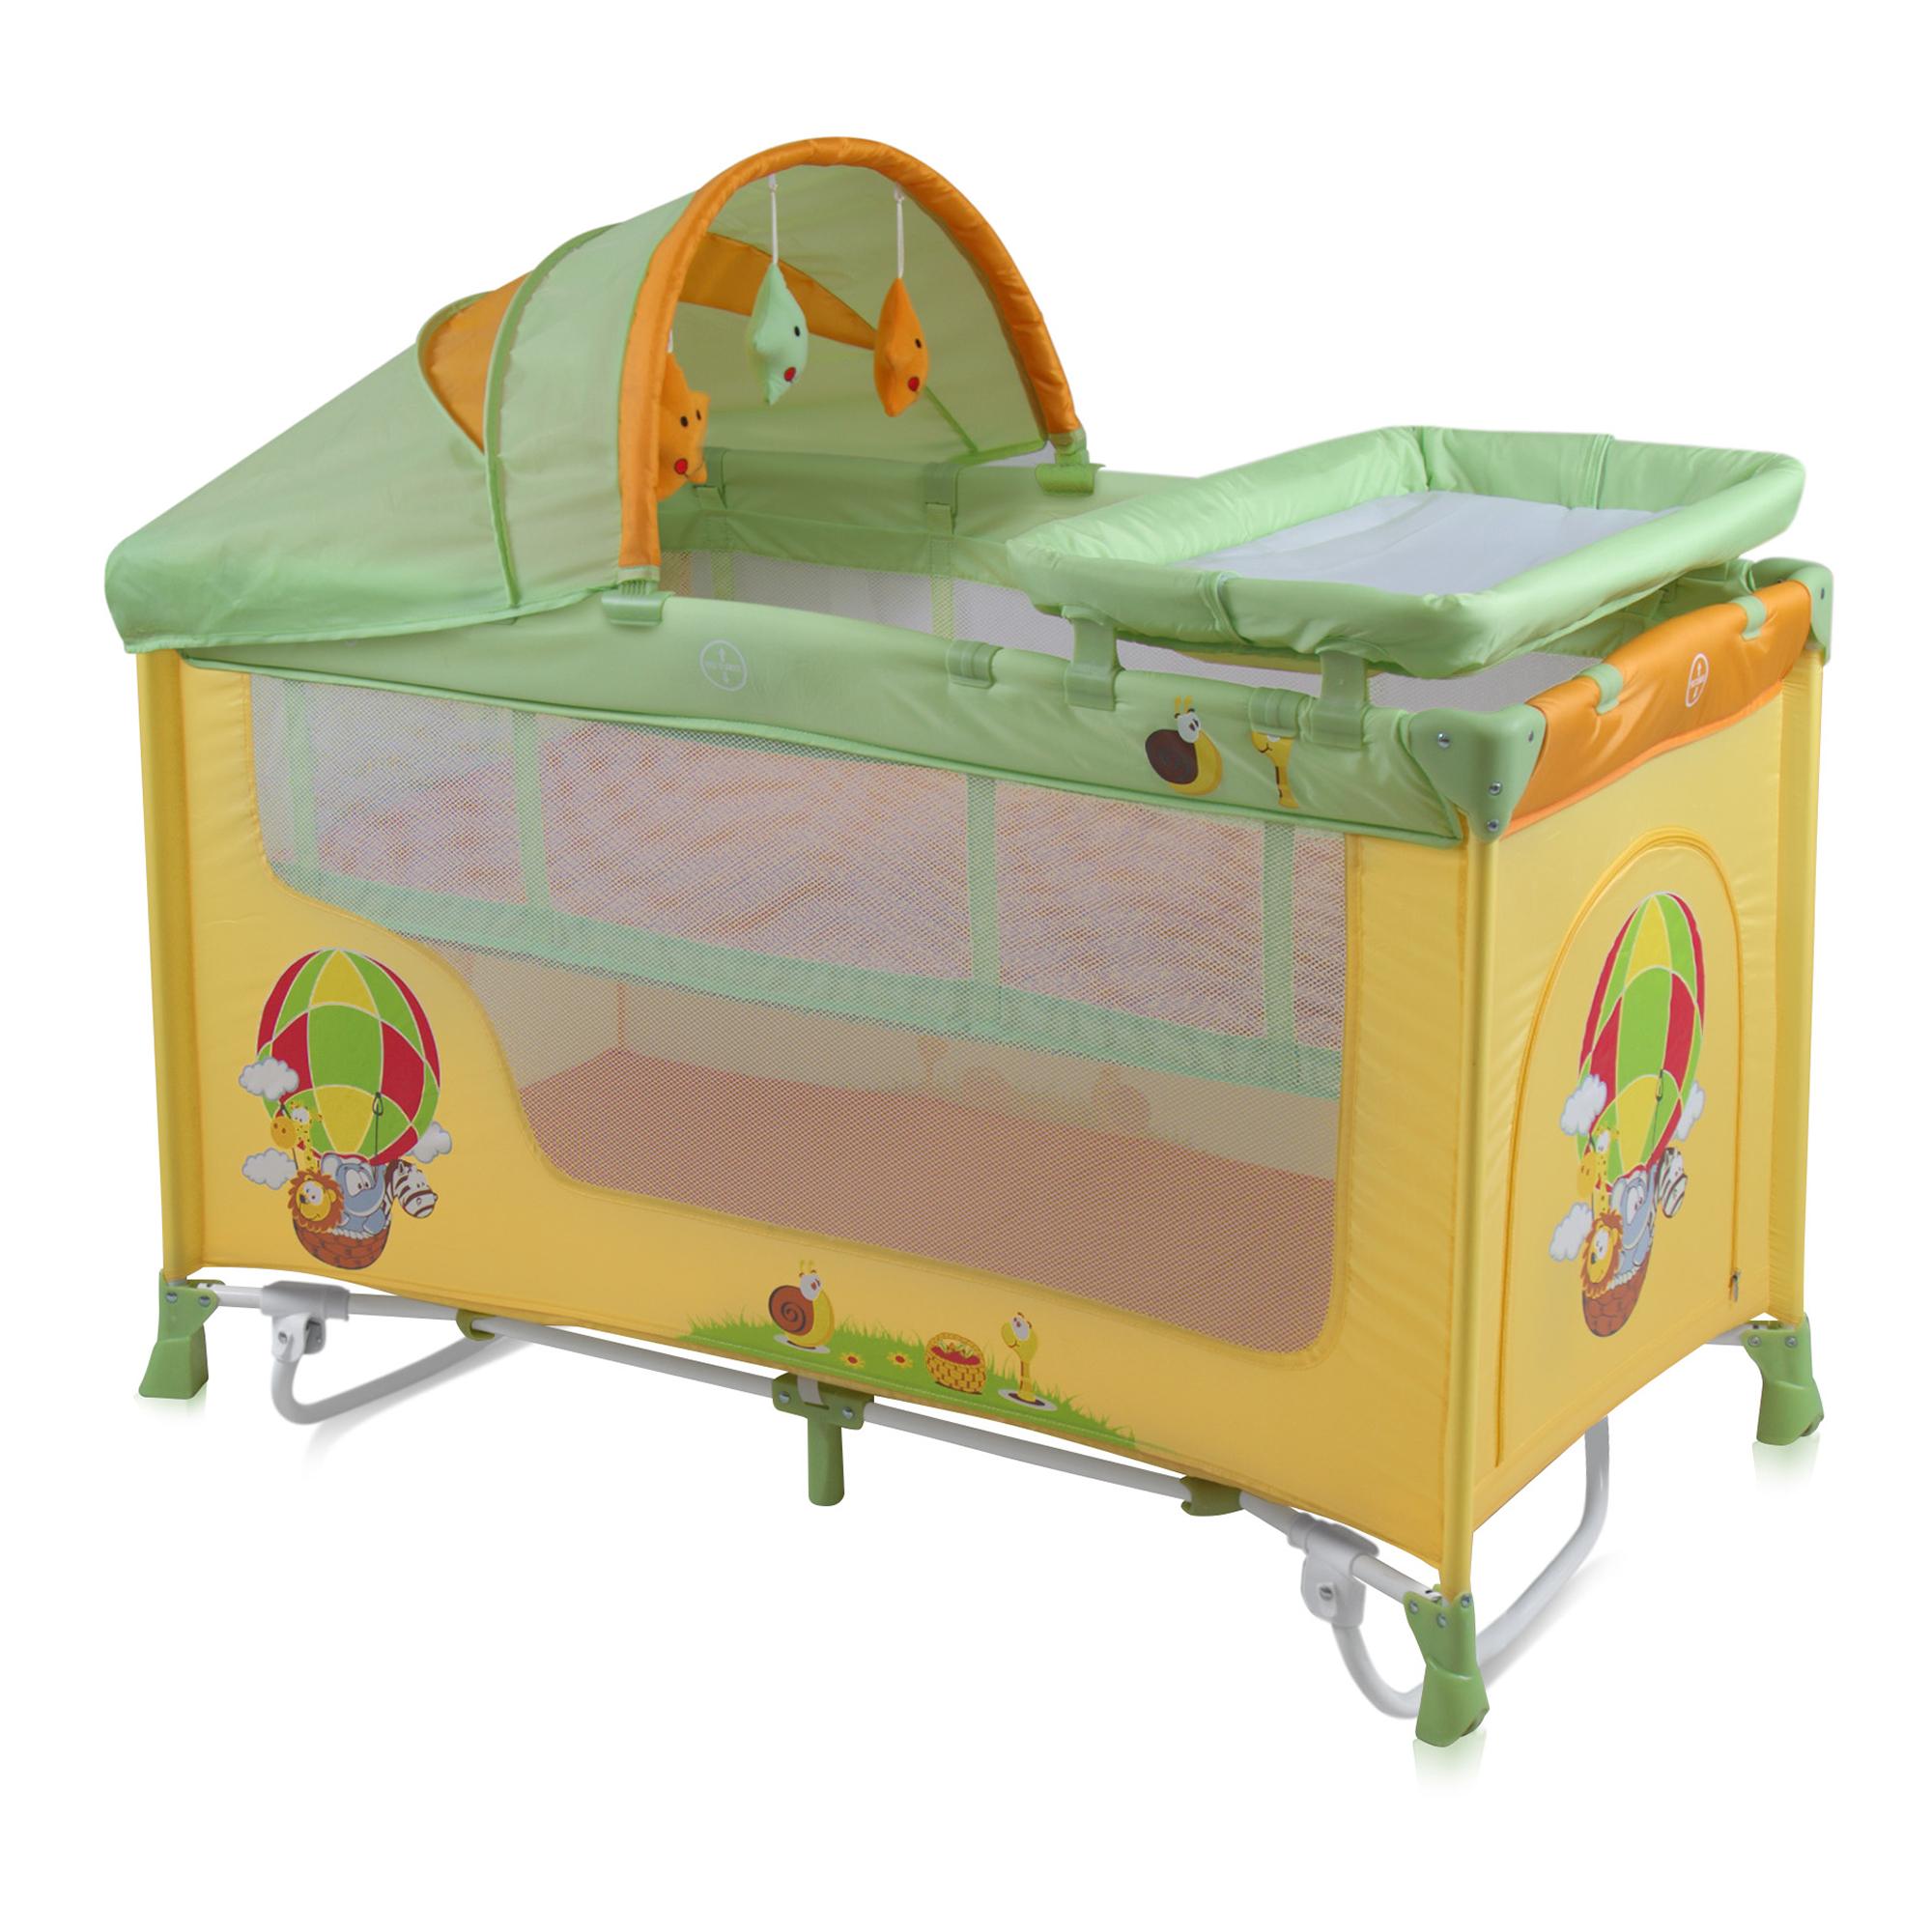 patut bebe lorelli classic nanny 2 plus rocker - multicolor ballon